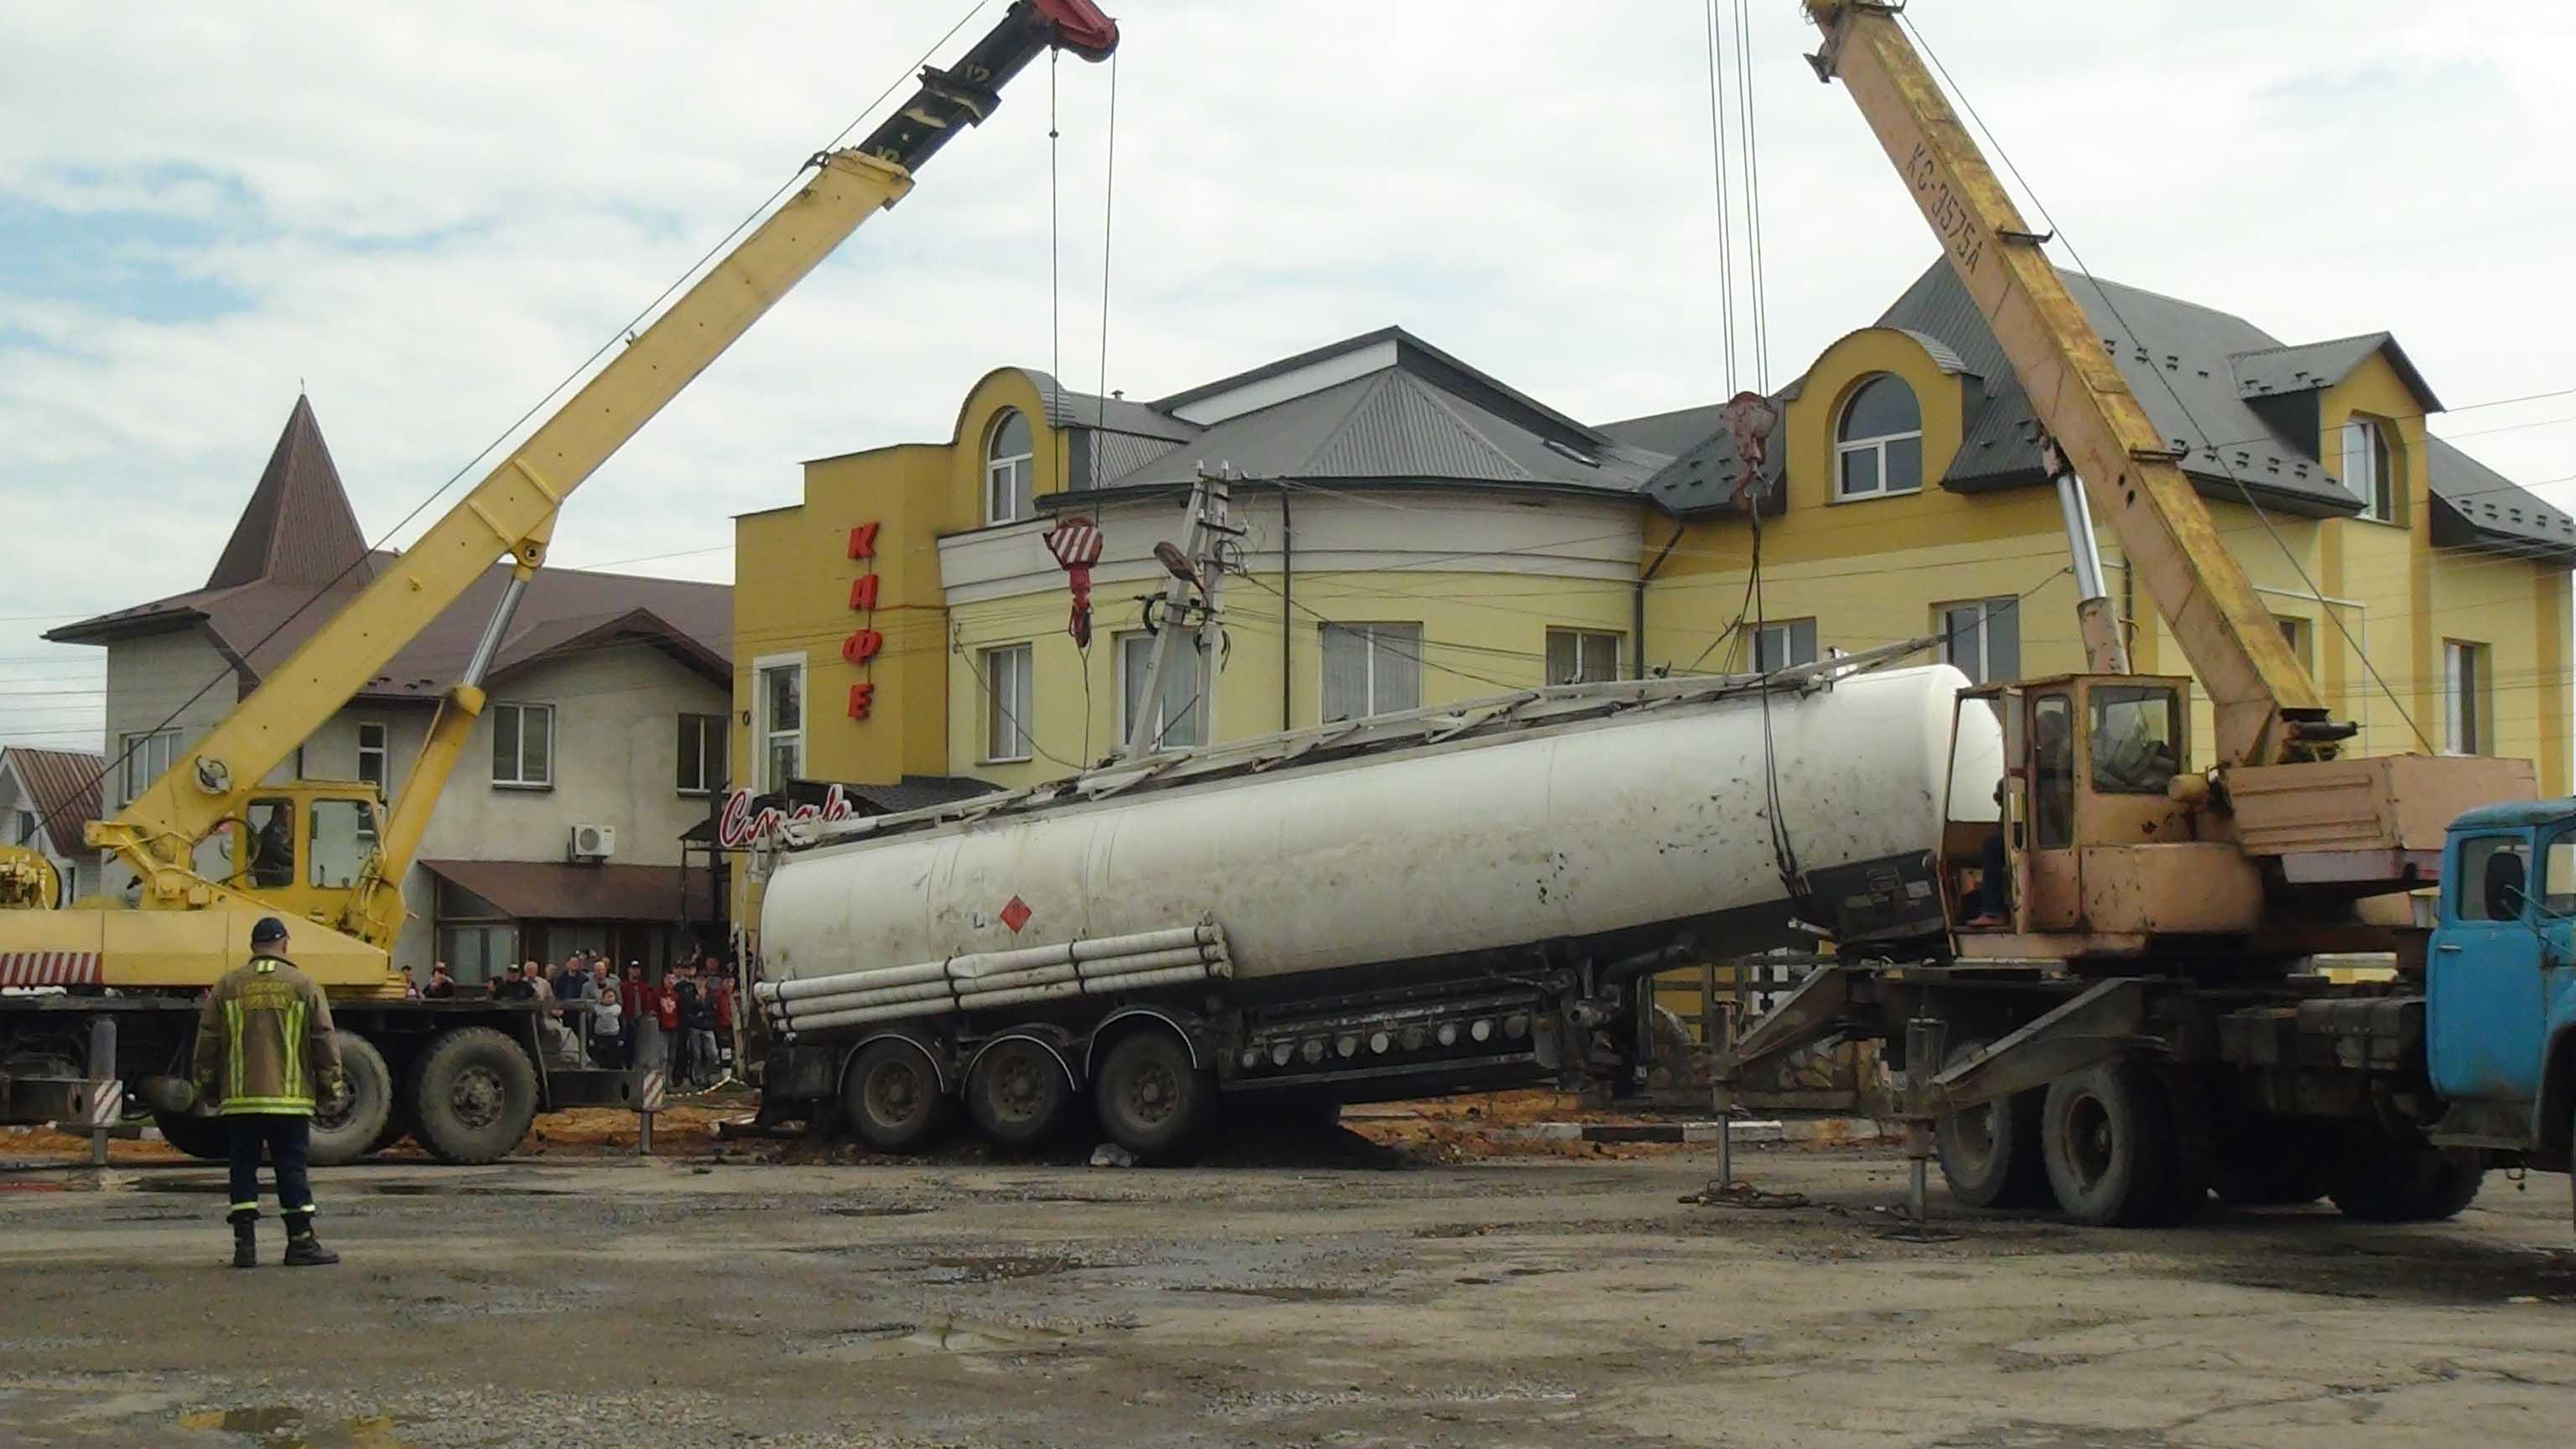 Майже добу 25 прикарпатських рятувальників ліквідовували наслідки ДТП з бензовозом (ФОТО)